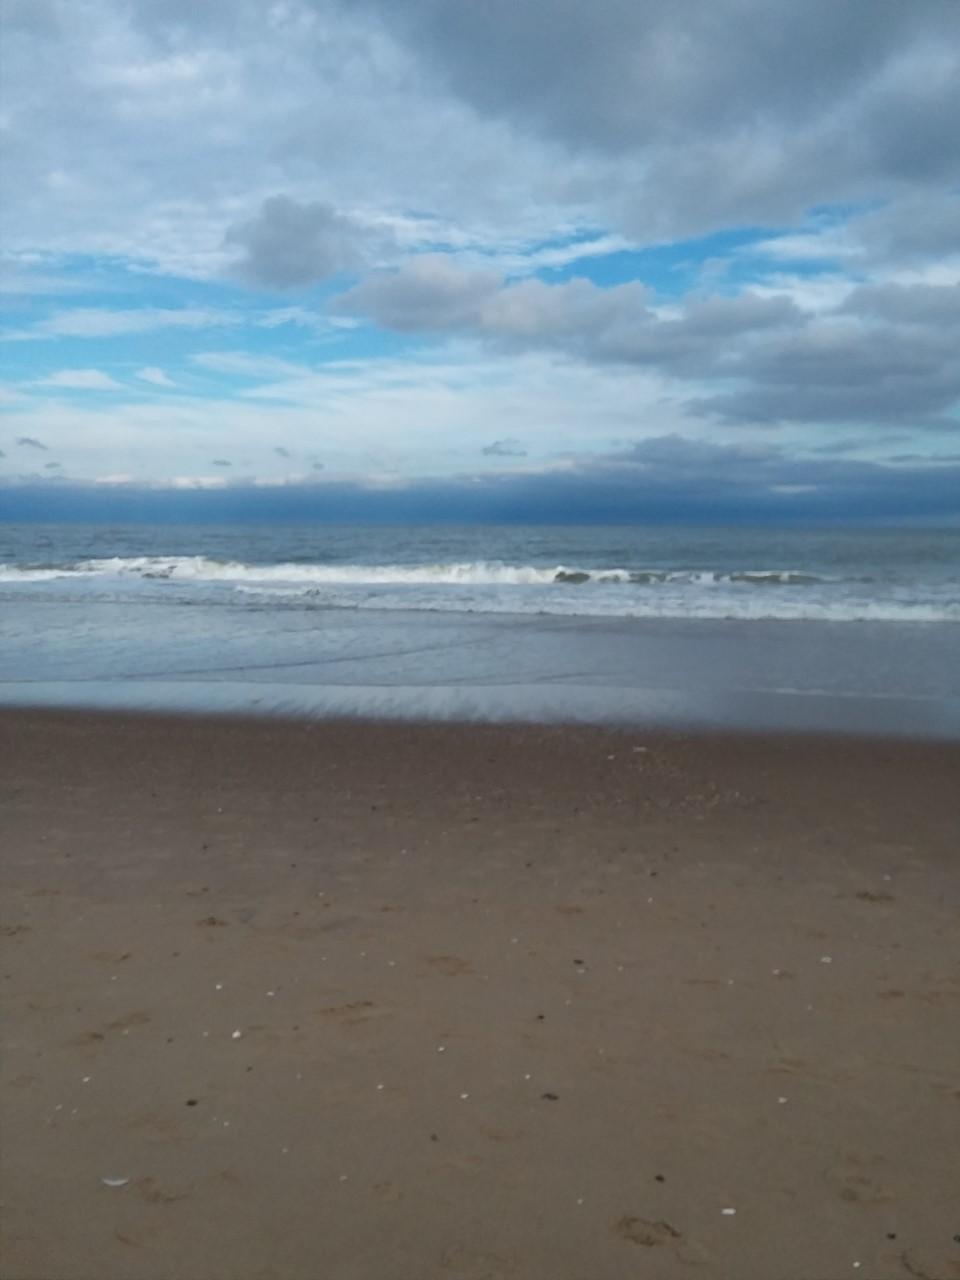 A cloudy beach scene.